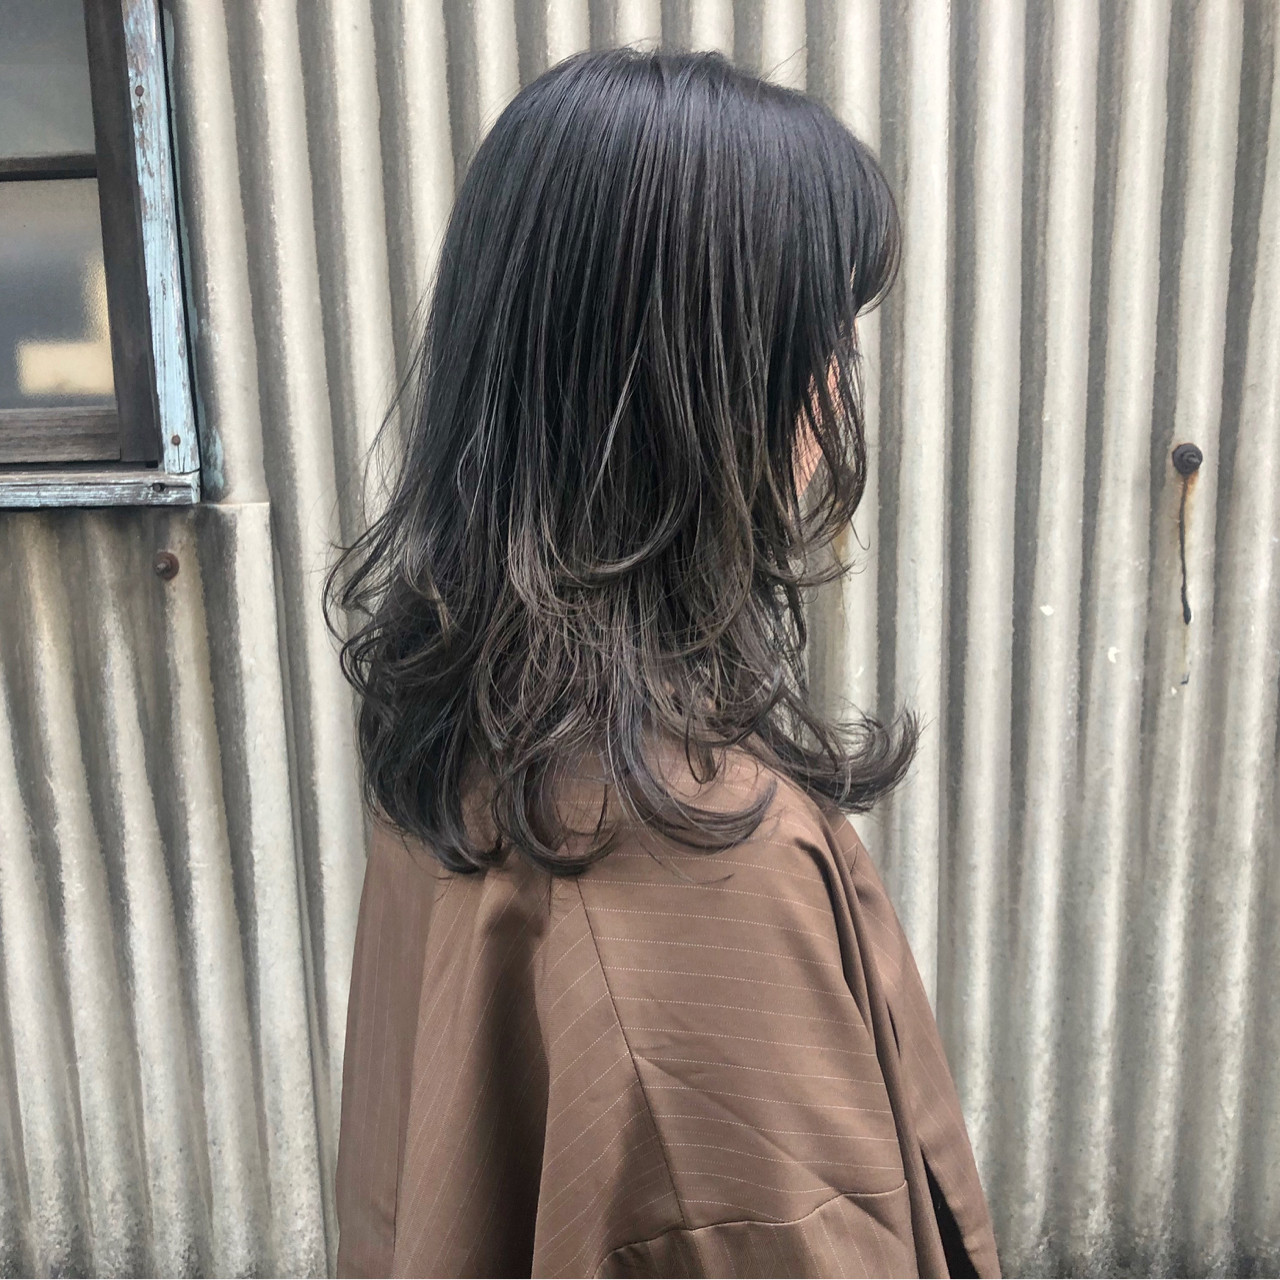 セミロング ウェーブ アッシュグレー レイヤーカット ヘアスタイルや髪型の写真・画像